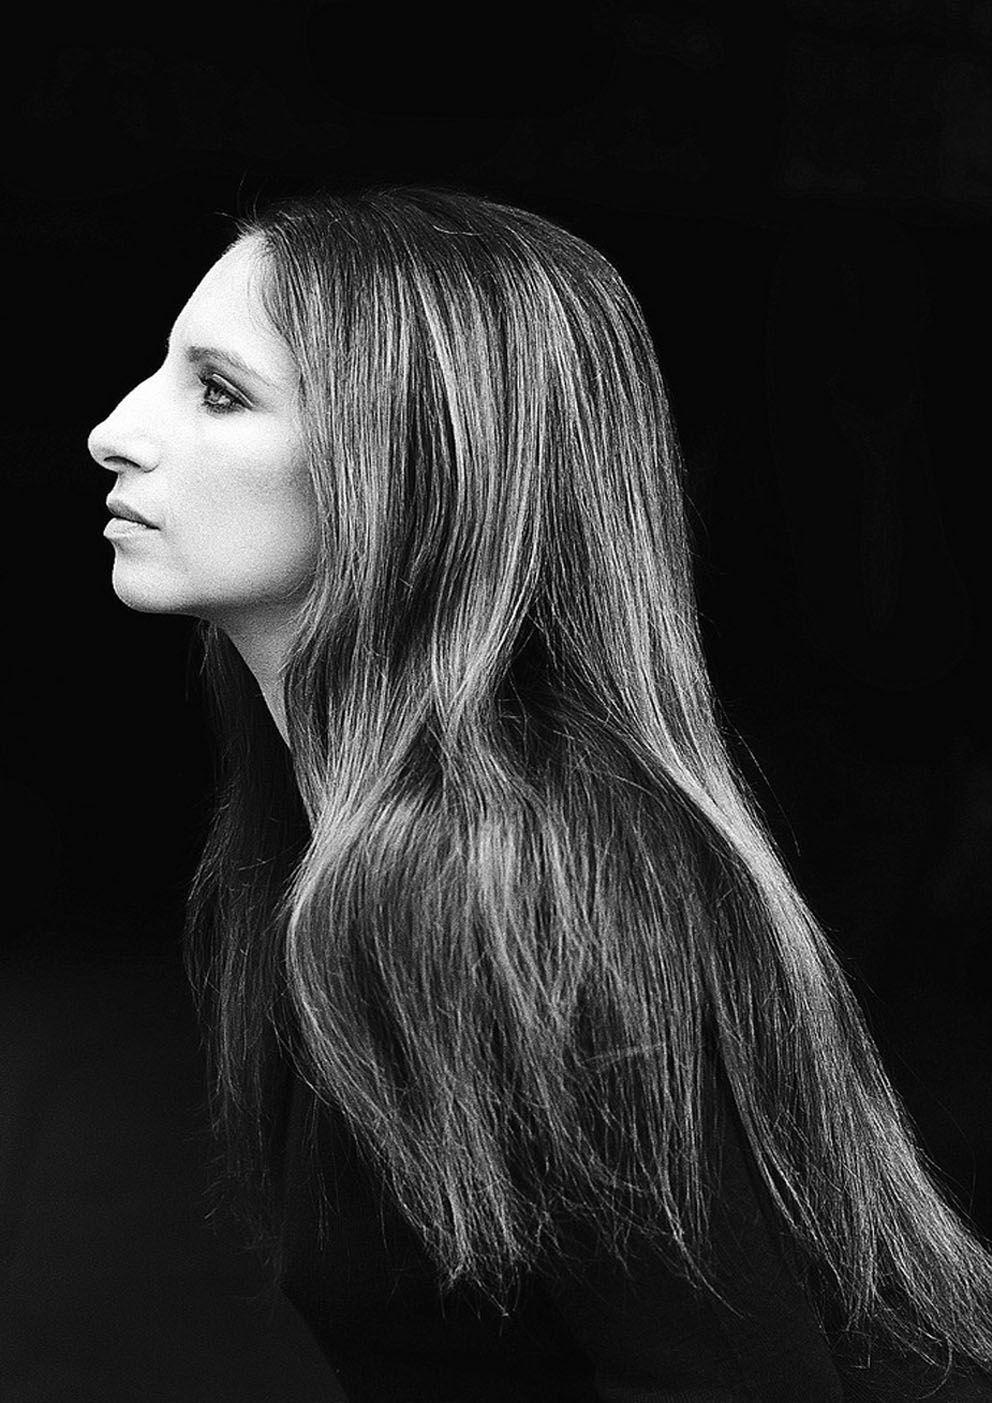 Olga Drozdova showed her daughter 02.04.2016